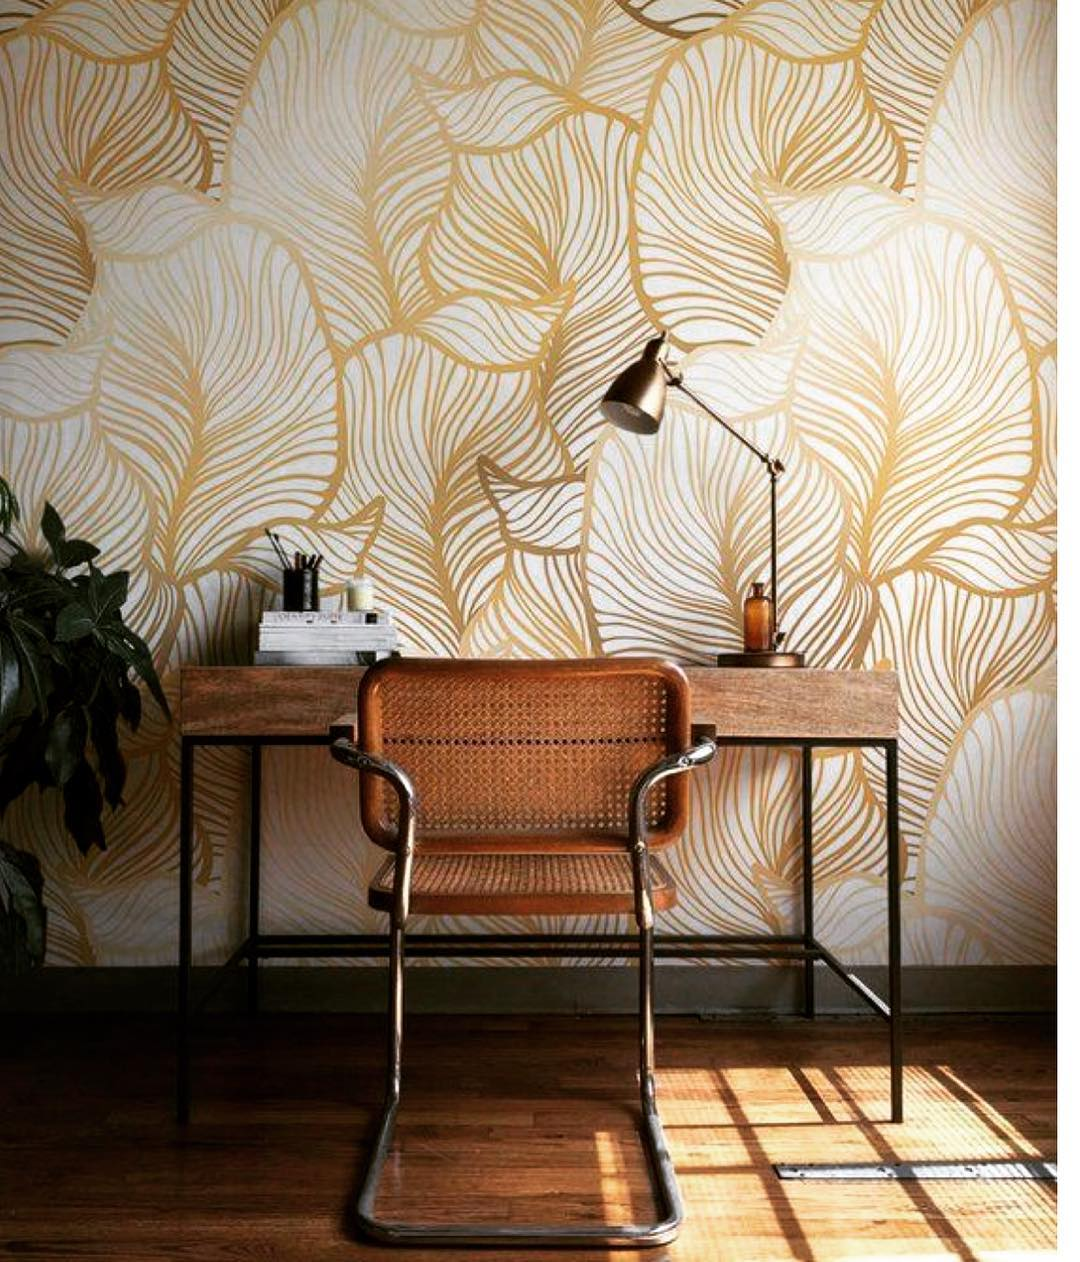 Buat Dinding Makin Kece Dengan 13 Ide Desain Ruang